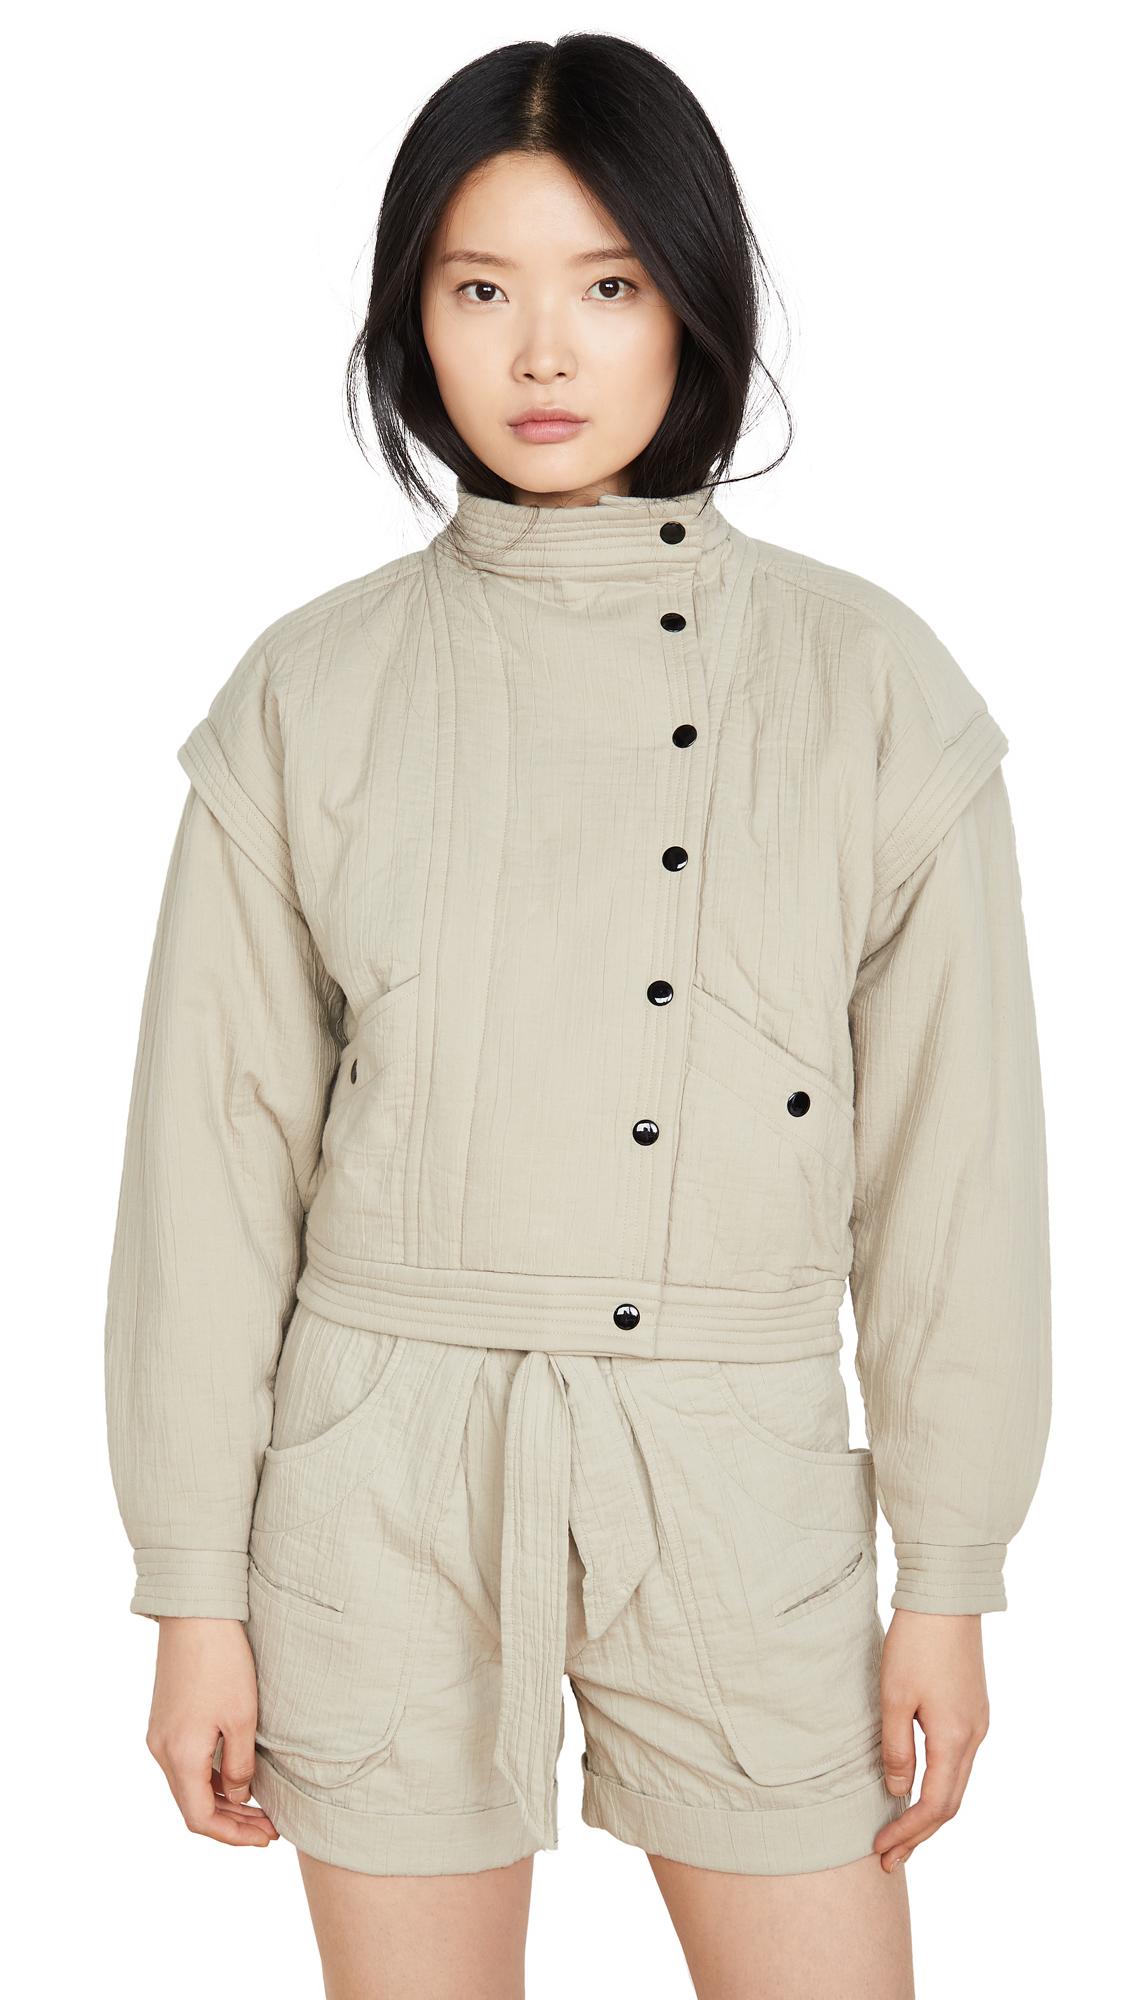 Buy Isabel Marant Etoile Boston Jacket online beautiful Isabel Marant Etoile Jackets, Coats, Coats